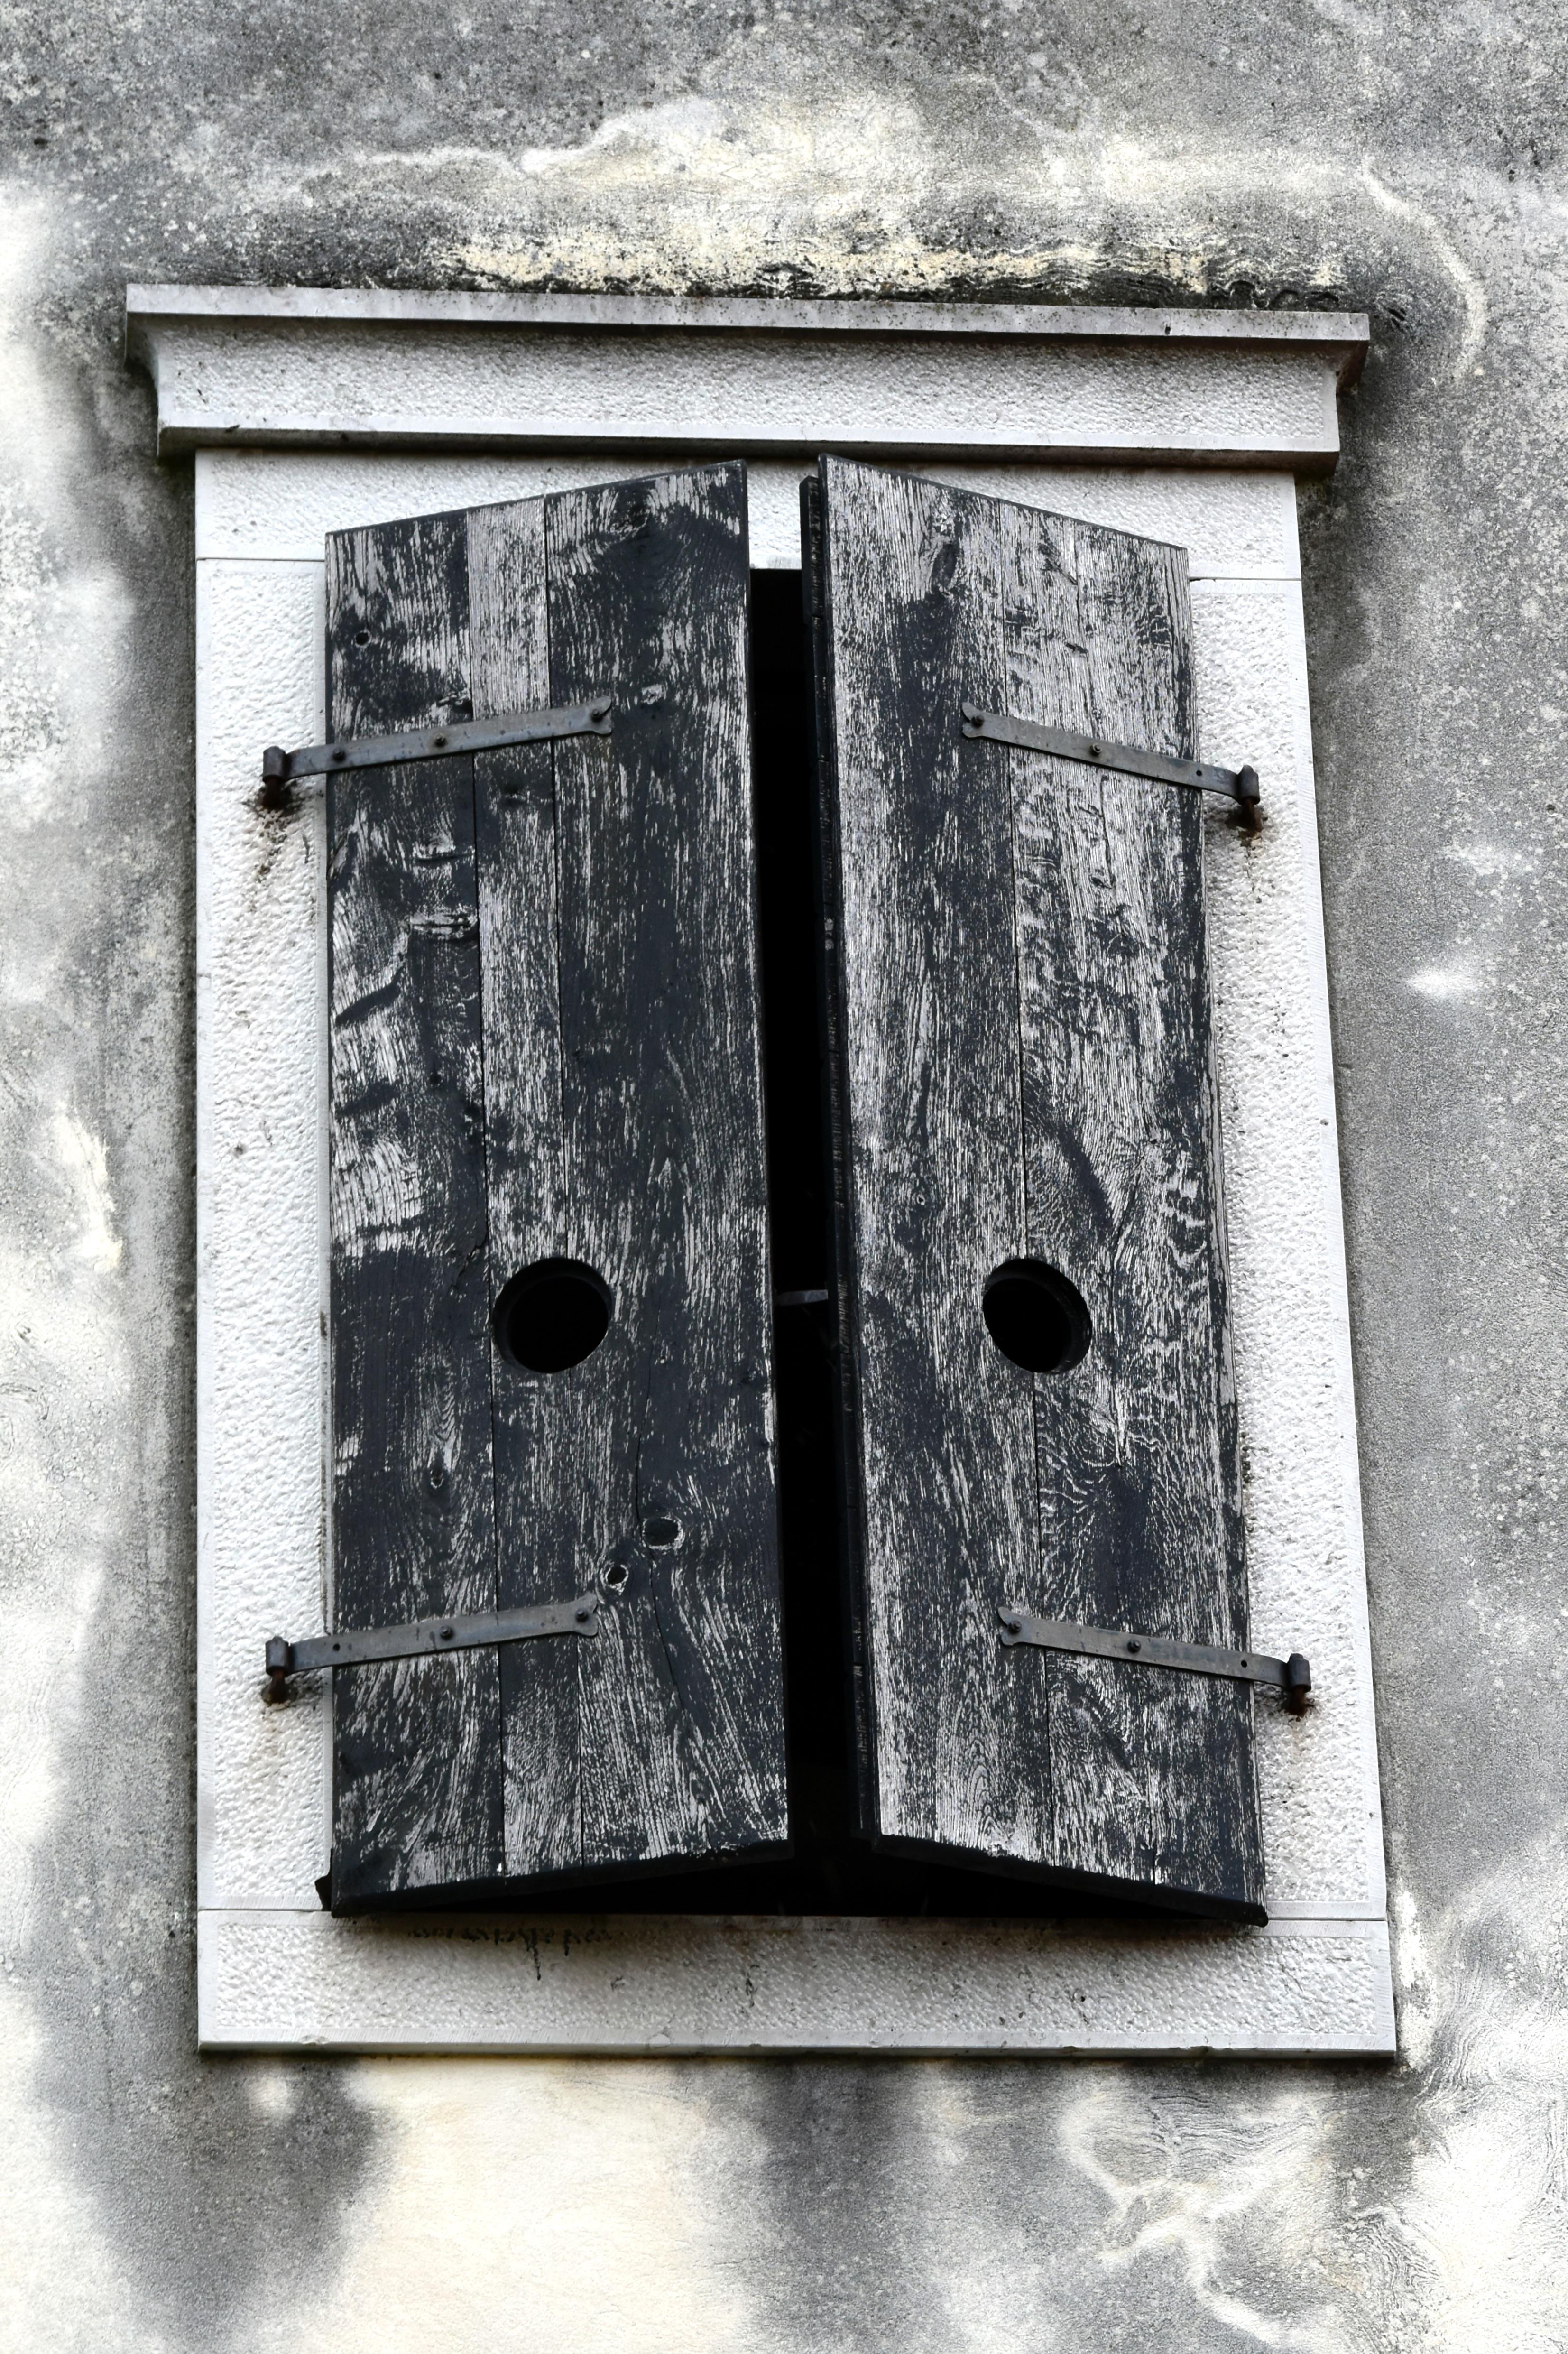 Kostenlose foto : Holz, Weiß, Fenster, Nummer, Mauer, einfarbig, Tür ...